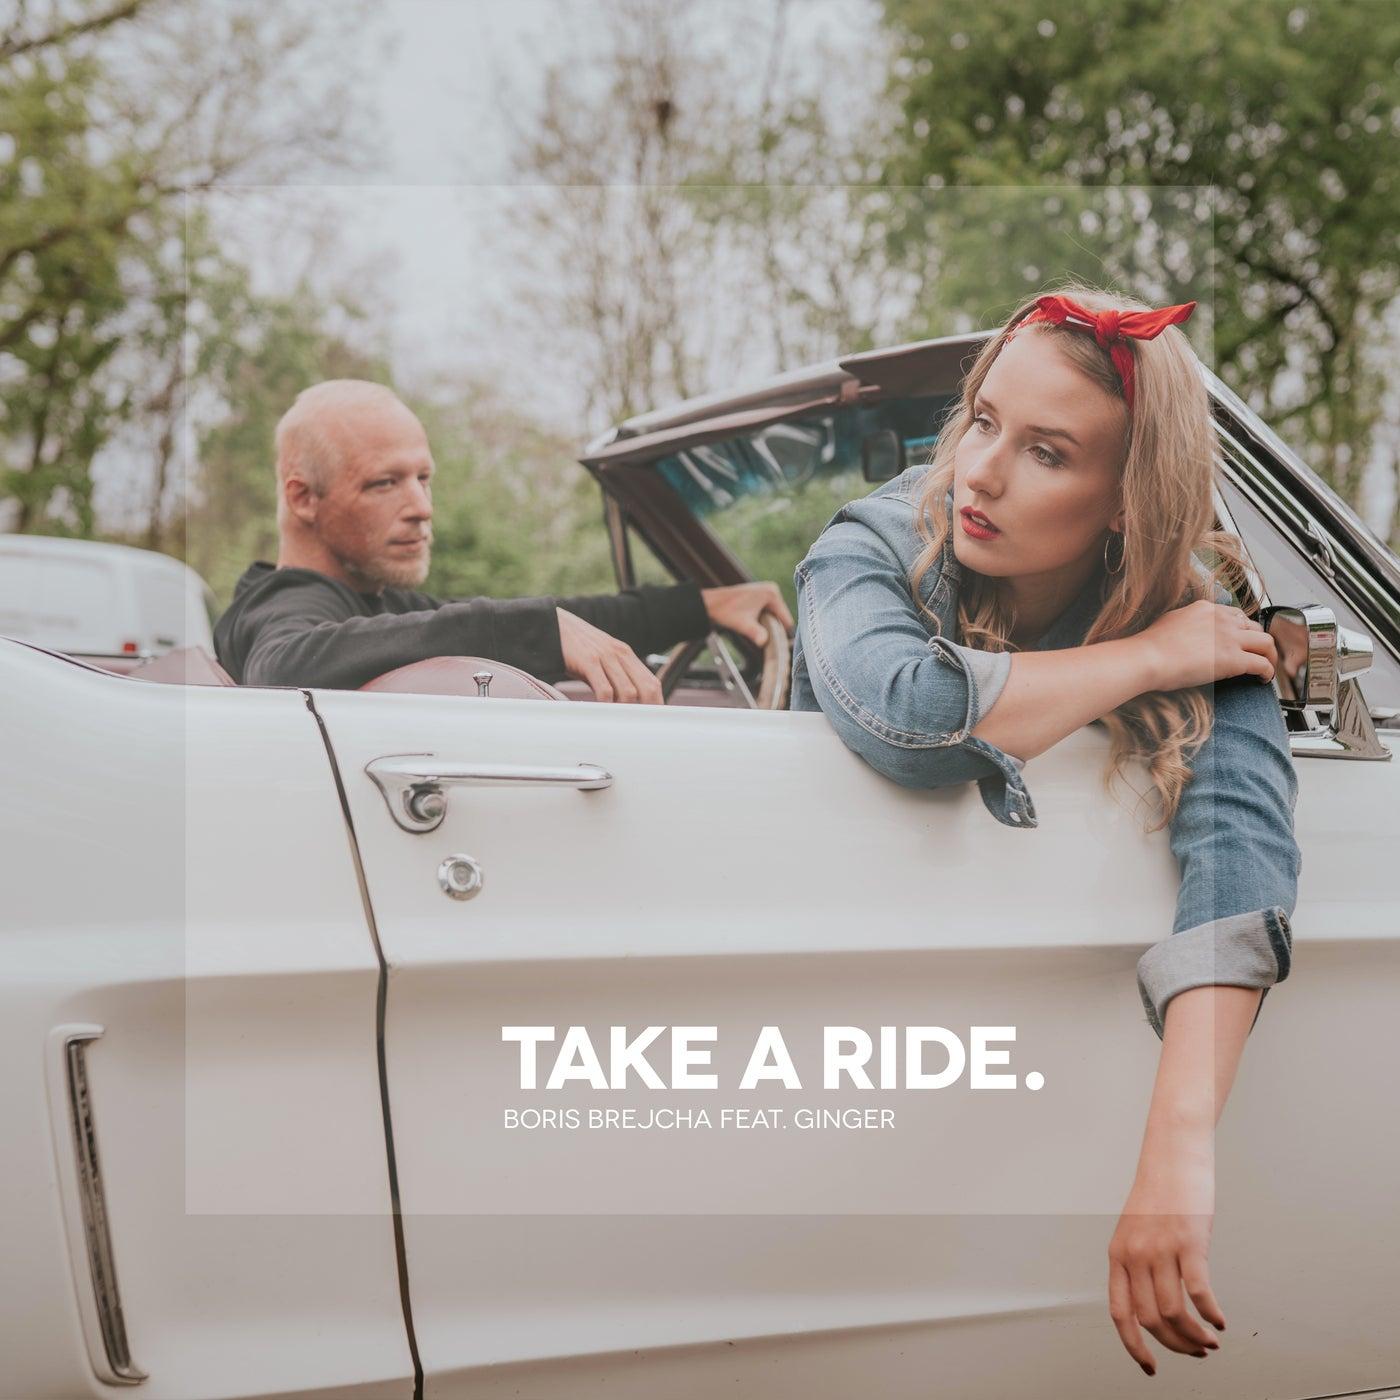 Take A Ride feat. Ginger (Original Mix)